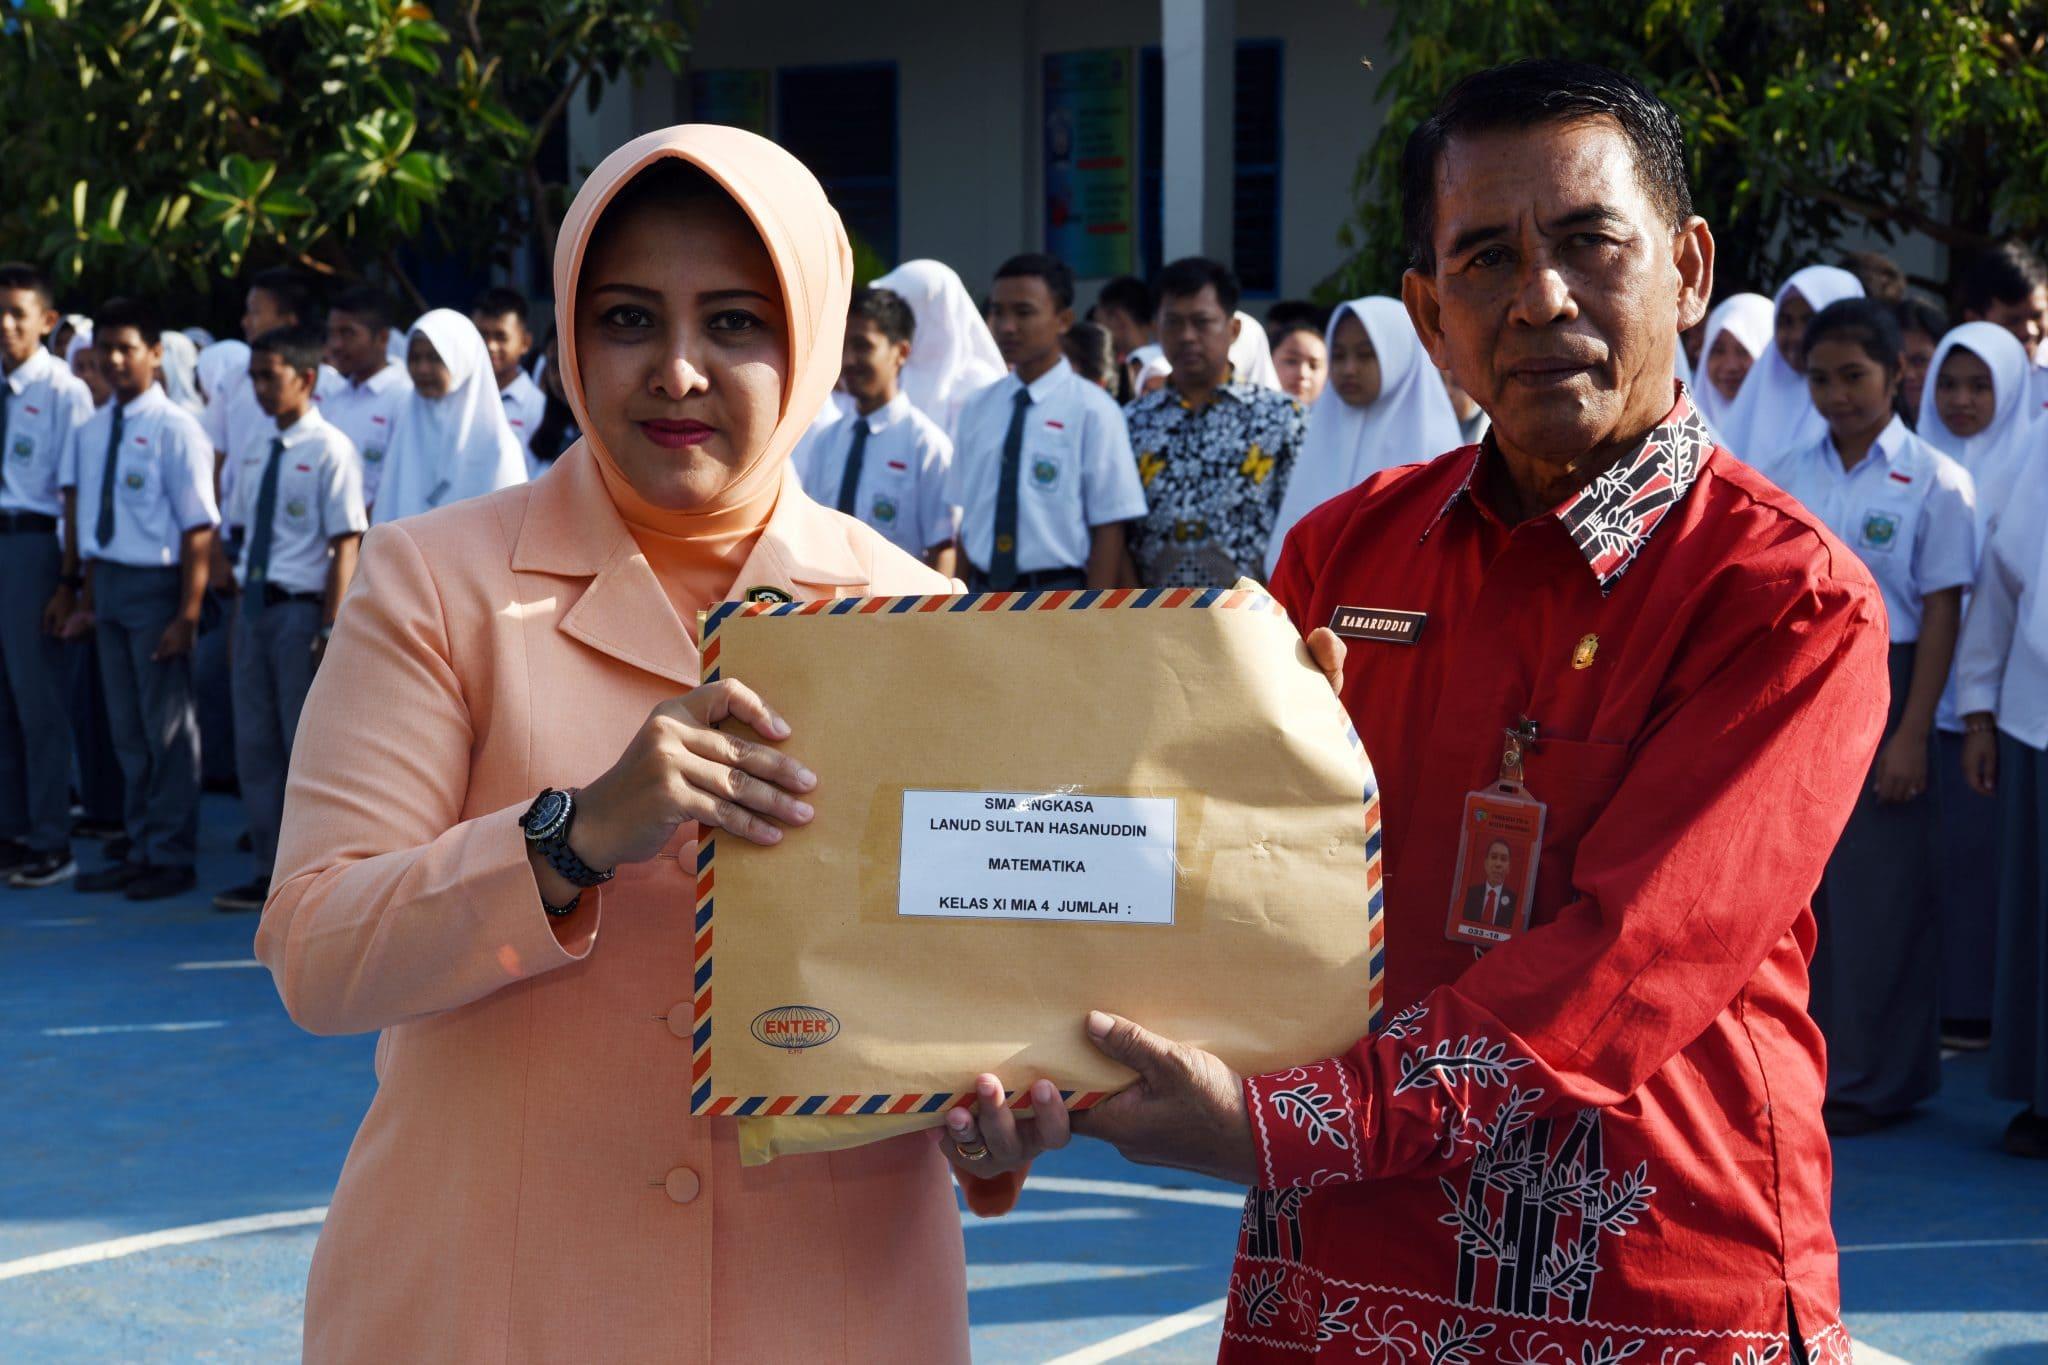 Siswa Sekolah Angkasa Lanud Sultan Hasanuddin Siap Bersaing AMSO 2018